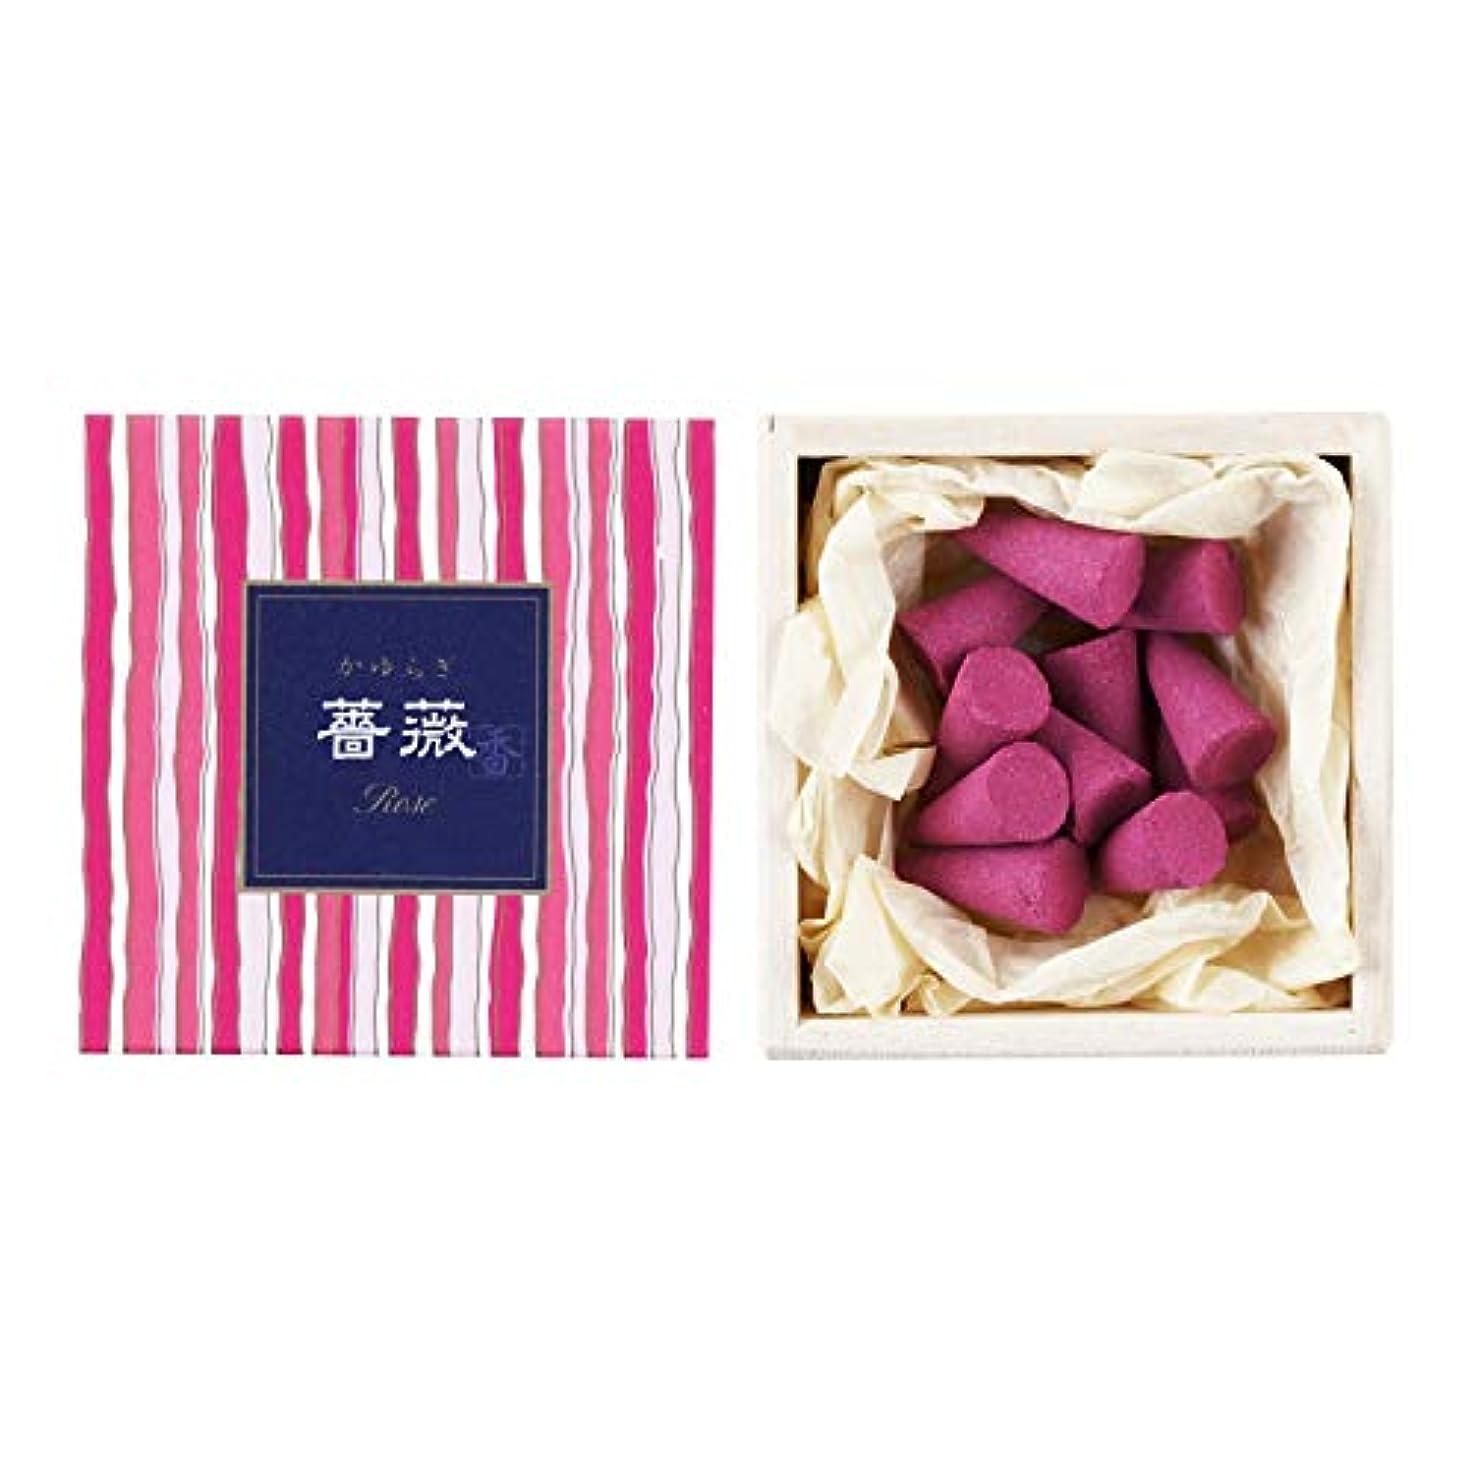 ベテランライトニング適応するかゆらぎ 薔薇(ばら) コーン12個入 香立付